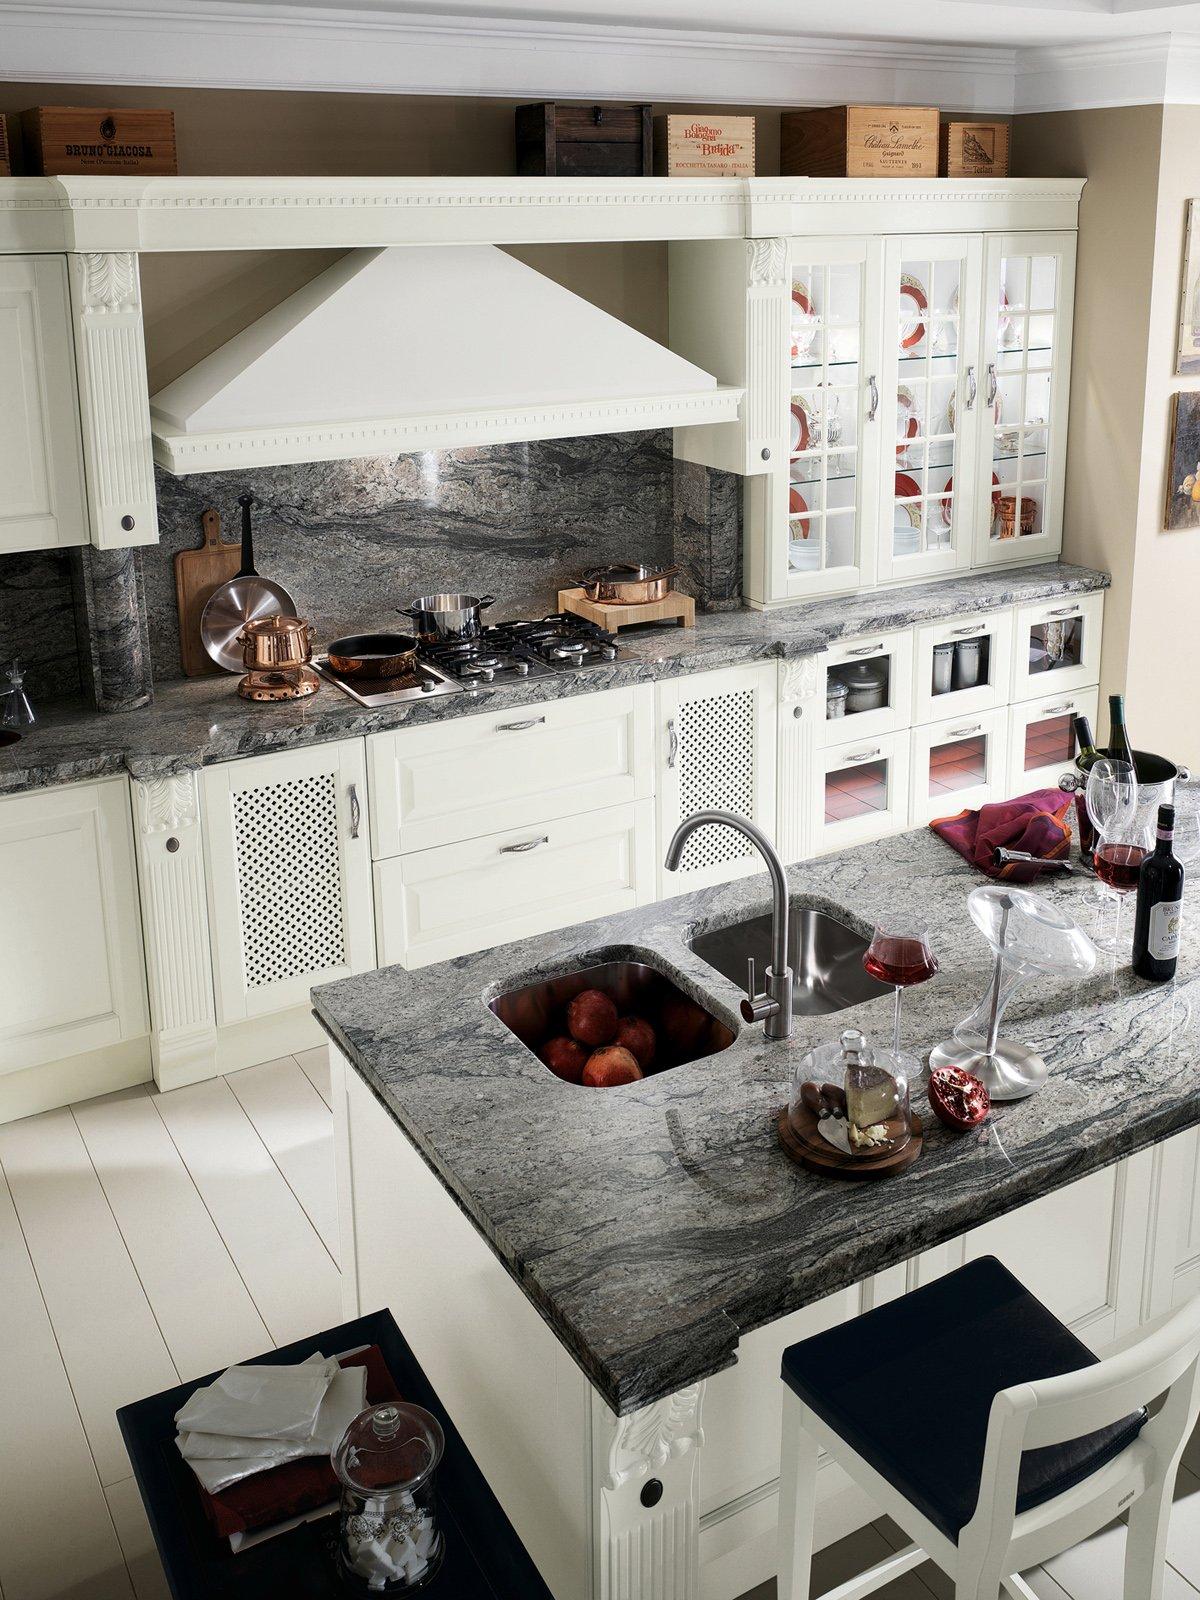 Cucine Country Una Scelta Di Stile Cose Di Casa #844761 1200 1600 Foto Cucine Moderne Con Isola